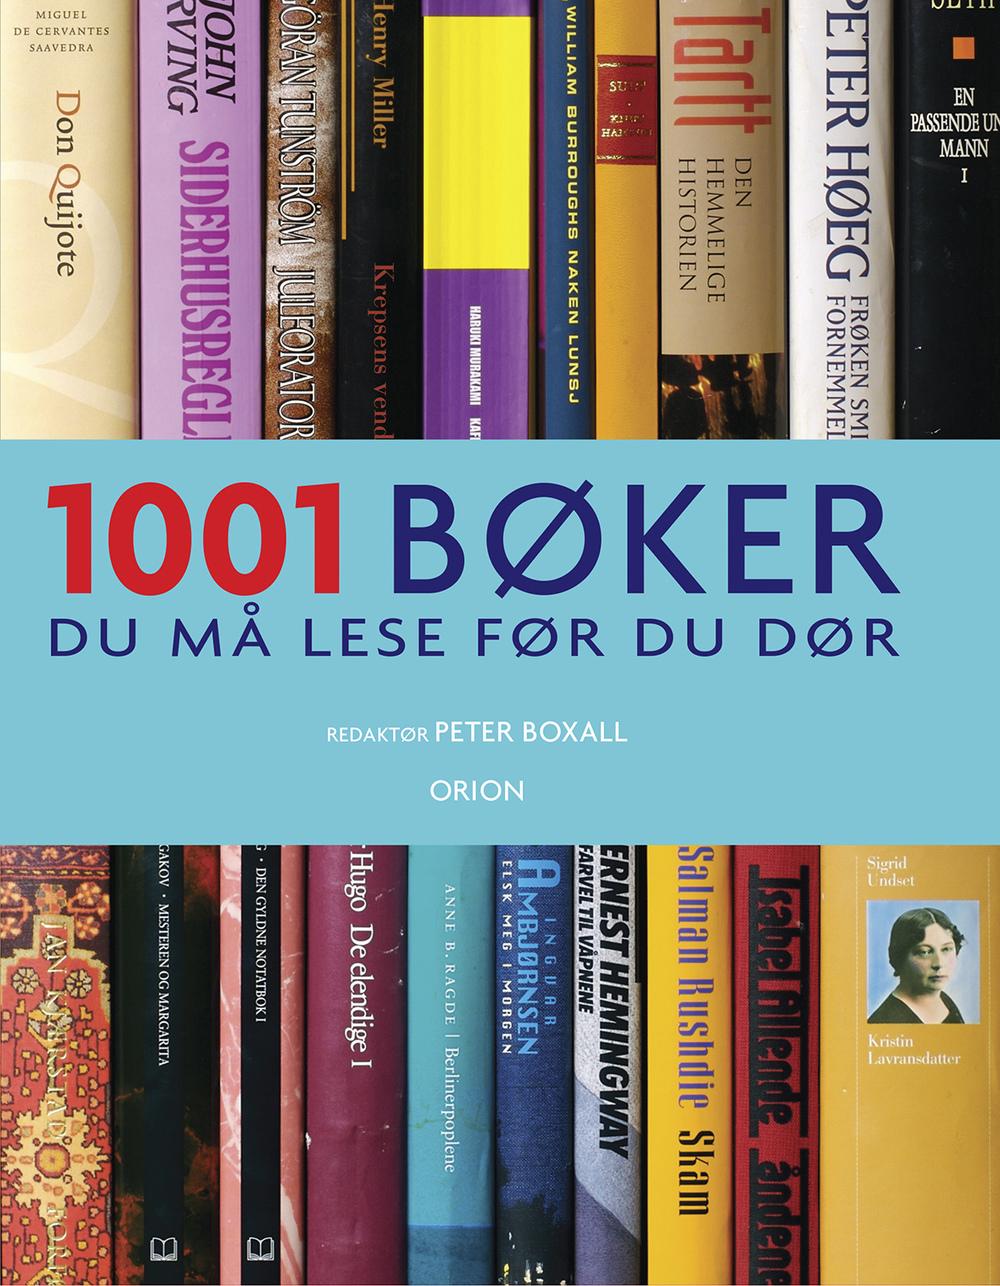 1001BøkerCover.jpg